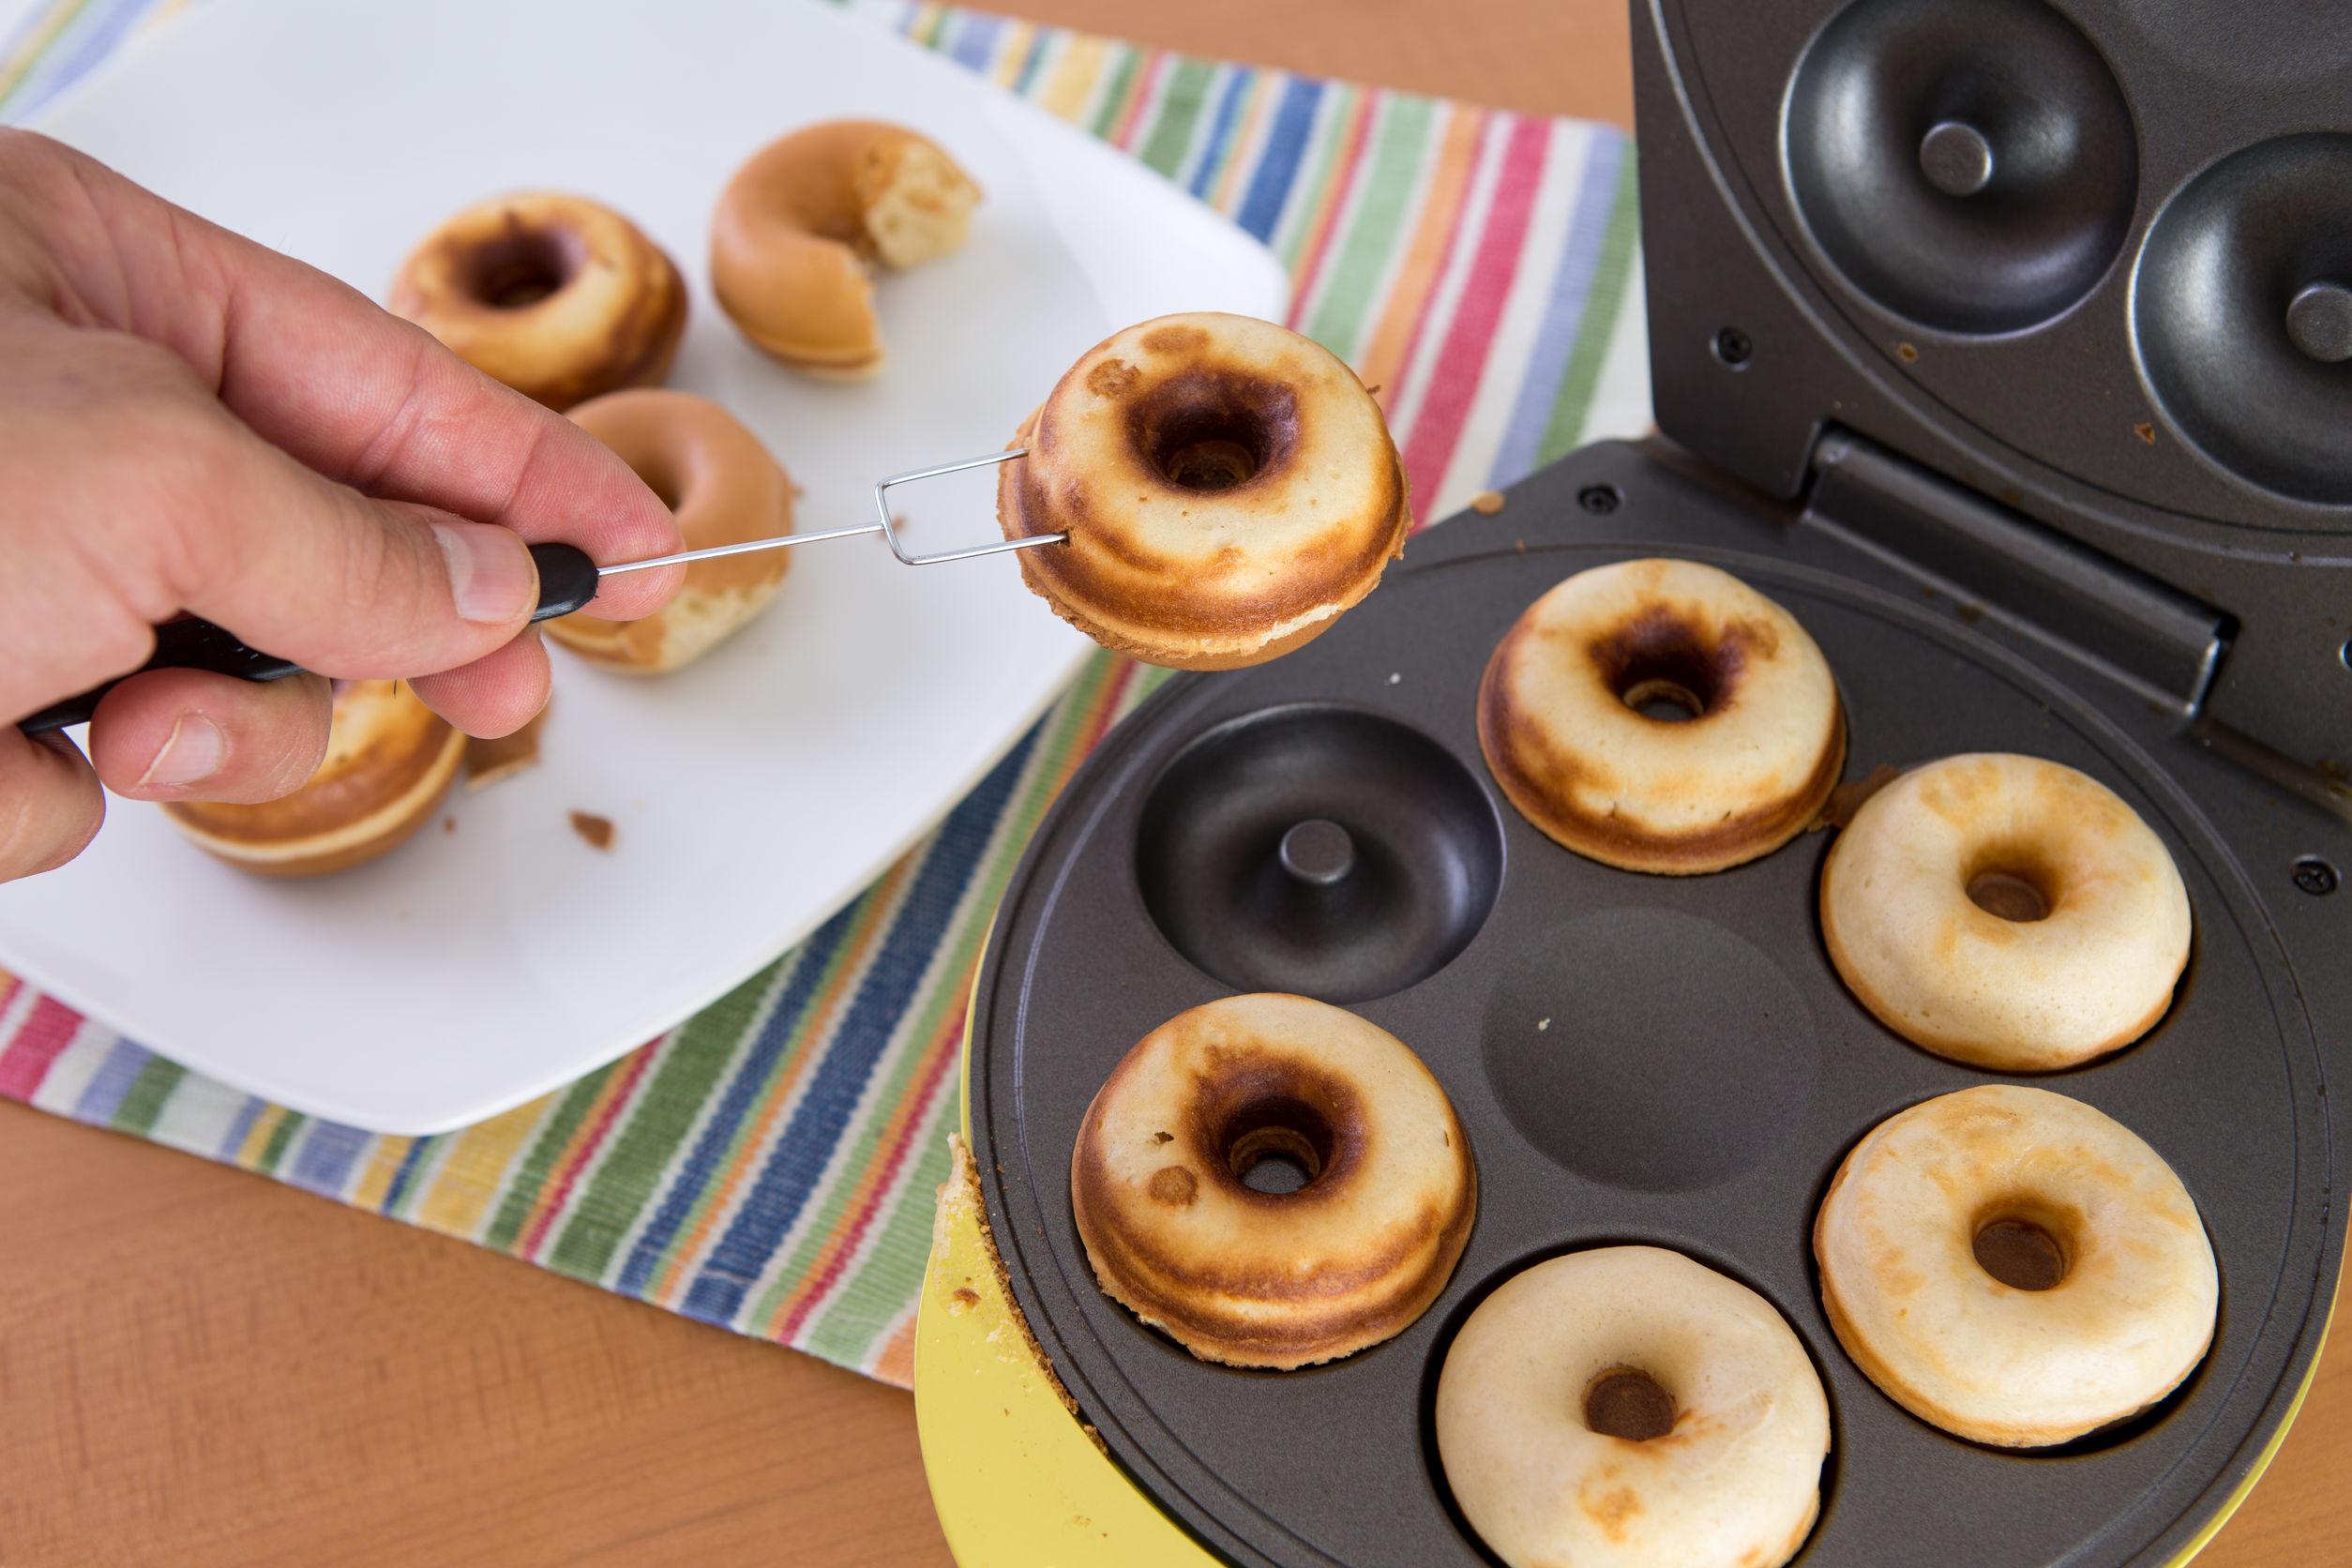 Mini Donut Maschine: Test & Empfehlungen (10/21)